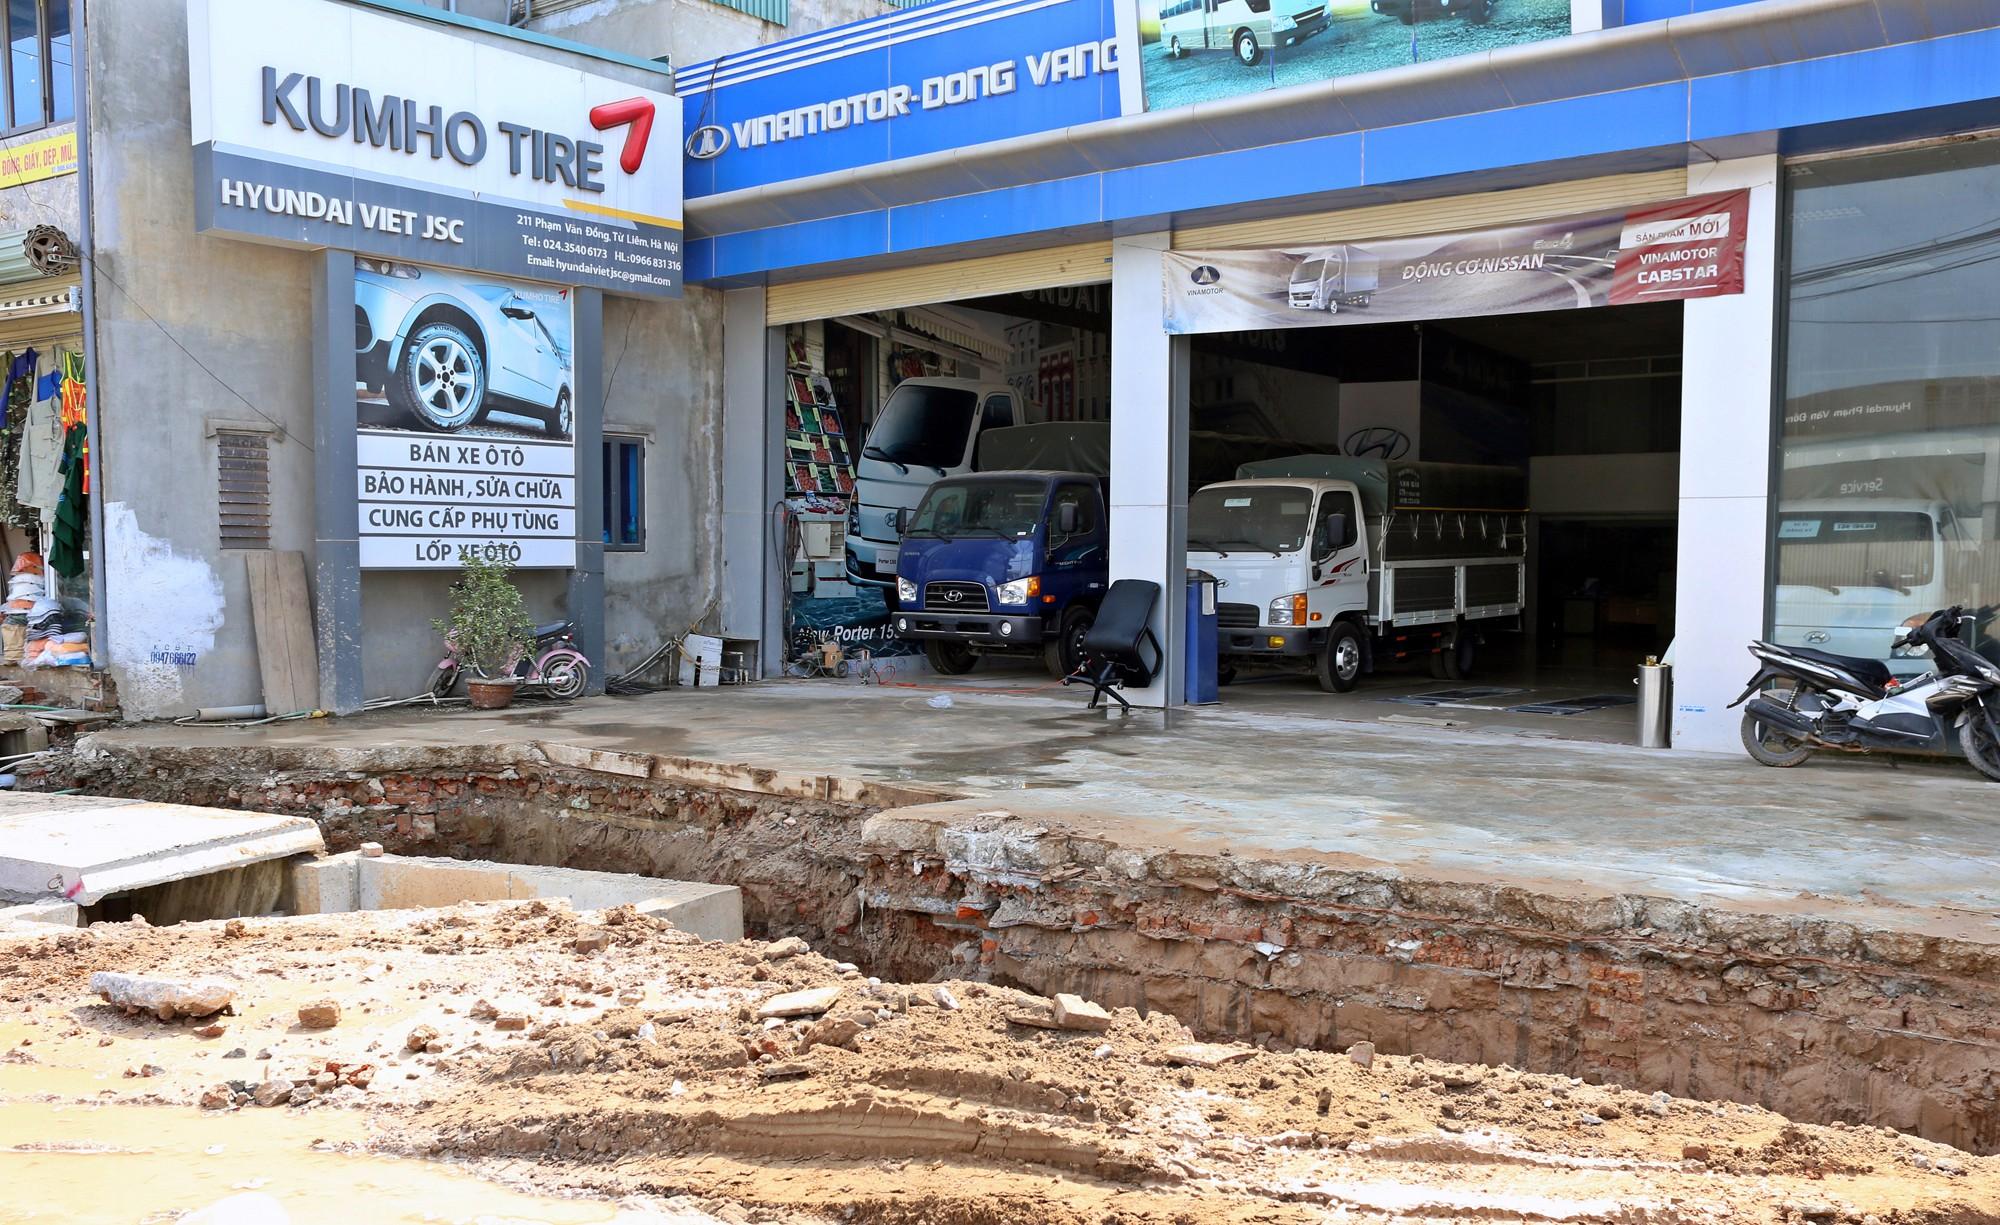 Hà Nội: Người dân bắc cầu vào nhà trên đường Phạm Văn Đồng - Ảnh 6.